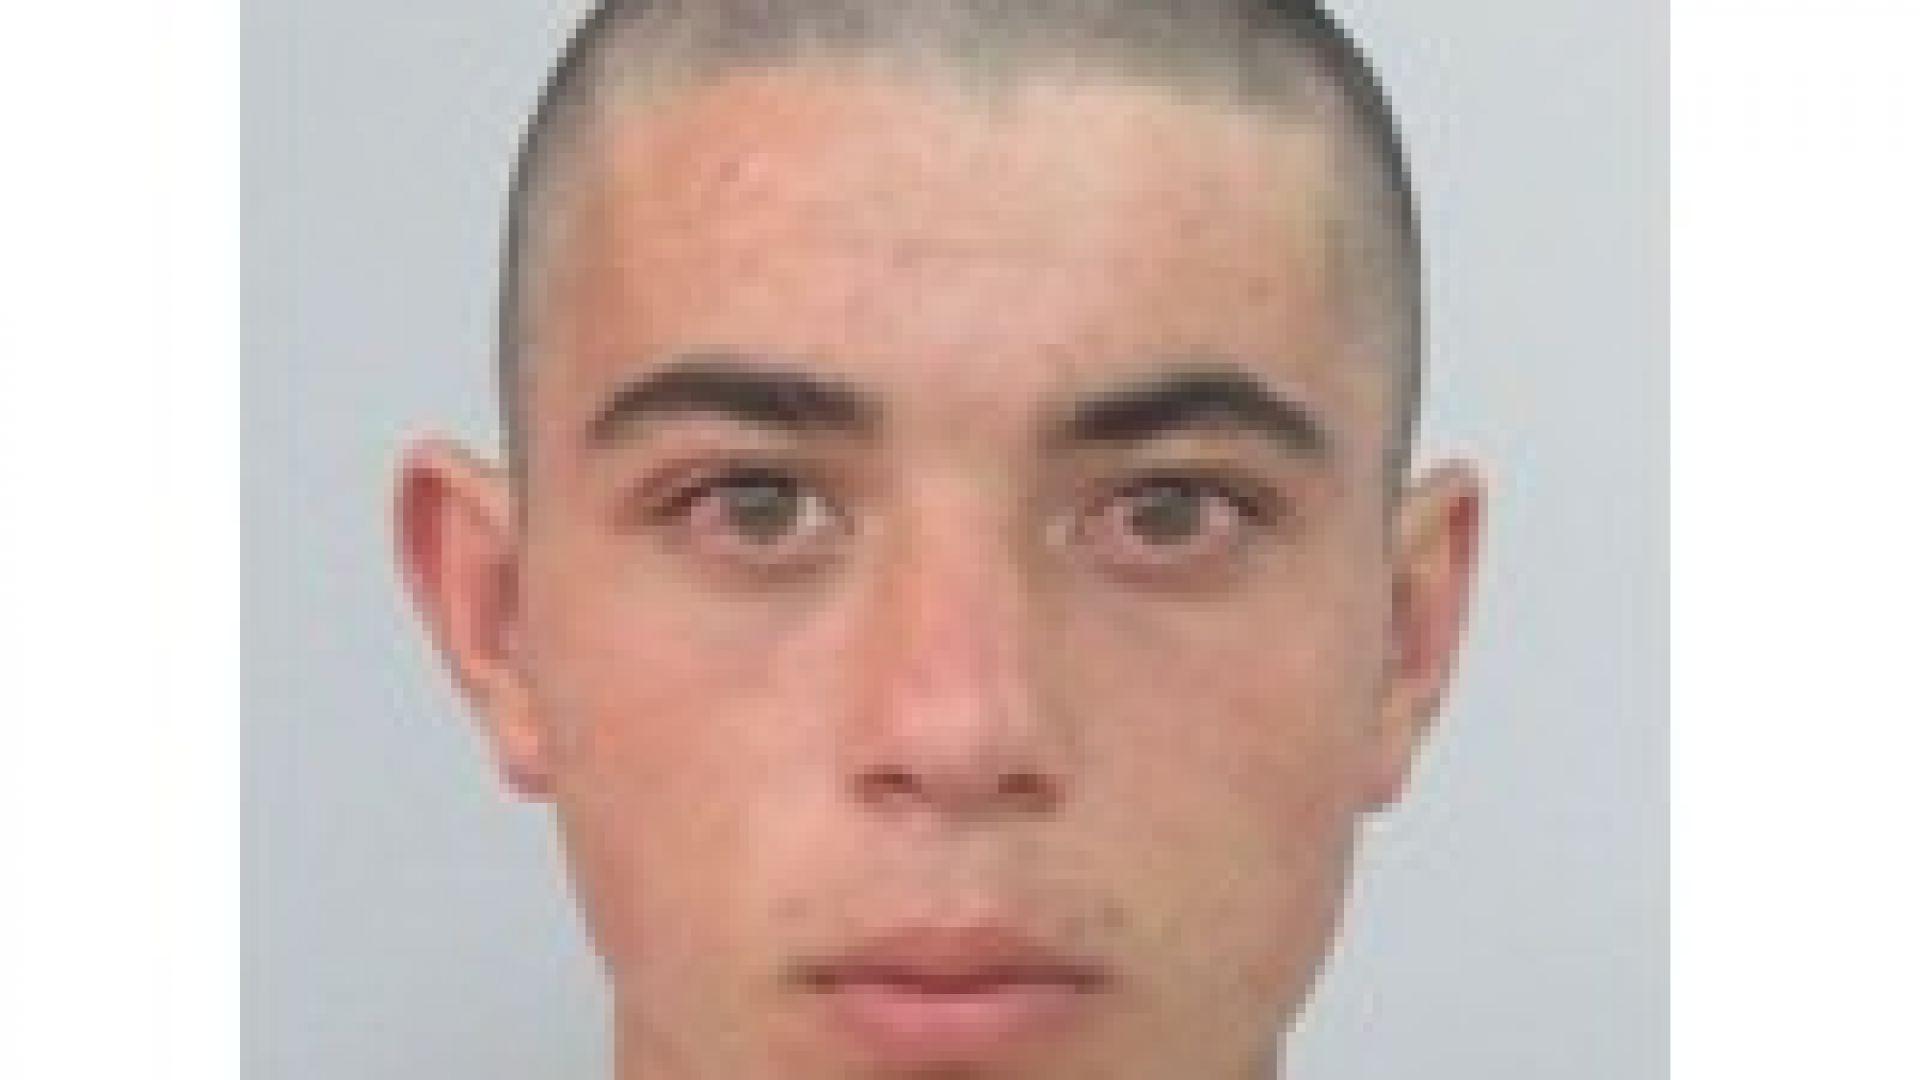 Пълни самопризнания пред адвокат е направил 21-годишният Мартин Трифонов, който